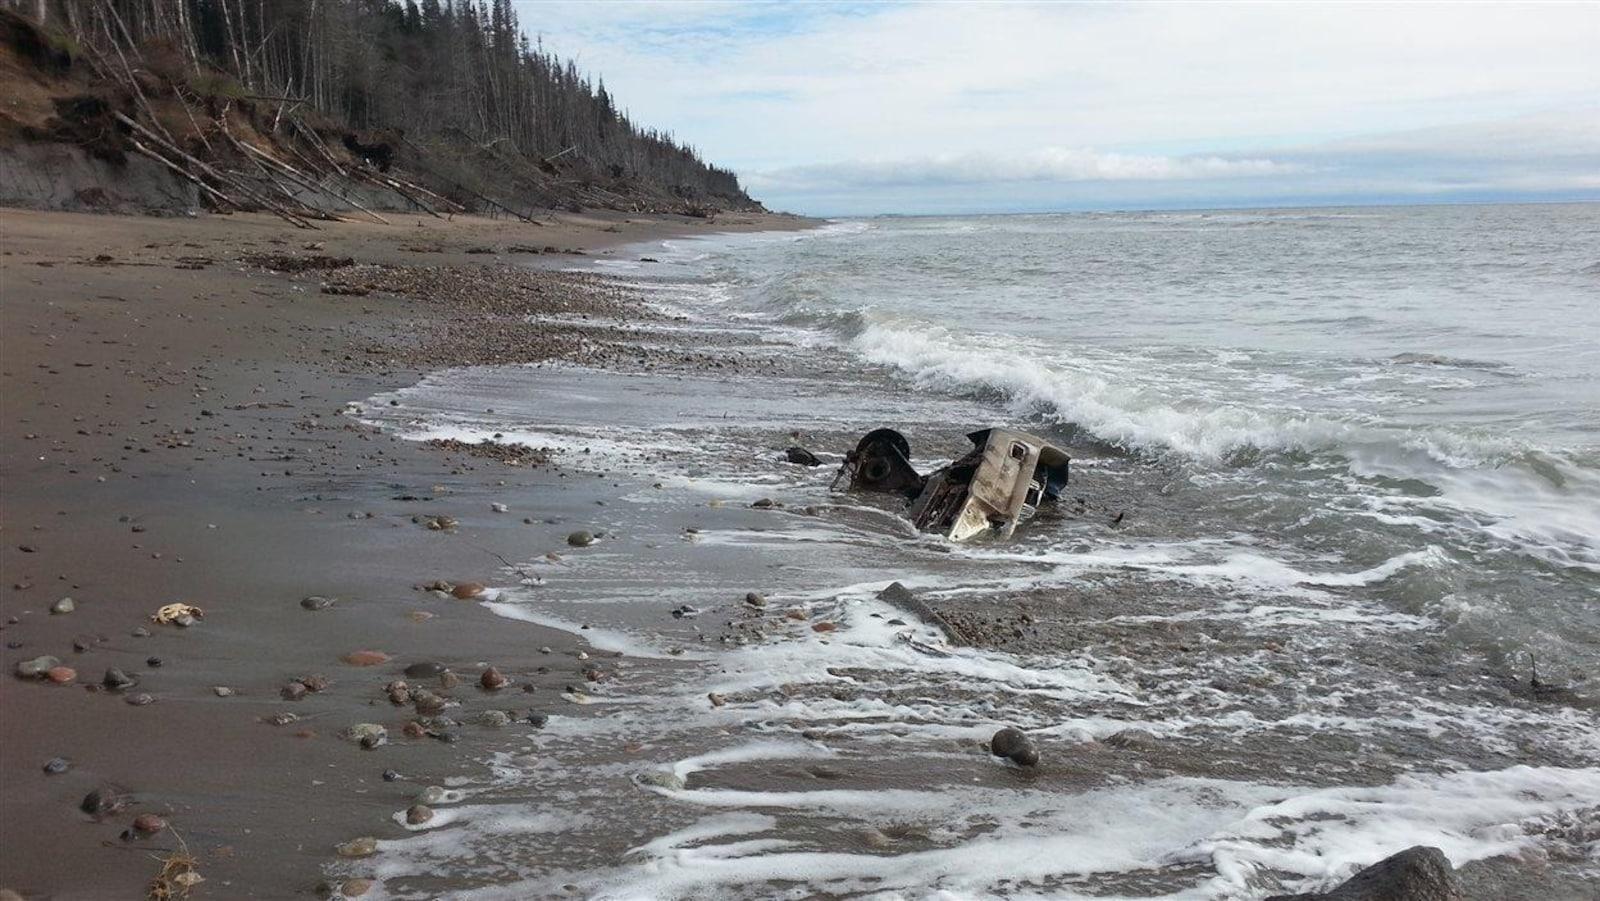 Des débris de ce qui ressemble à un reste de voiture sont enfouis dans le sable au travers des vagues du Saint-Laurent